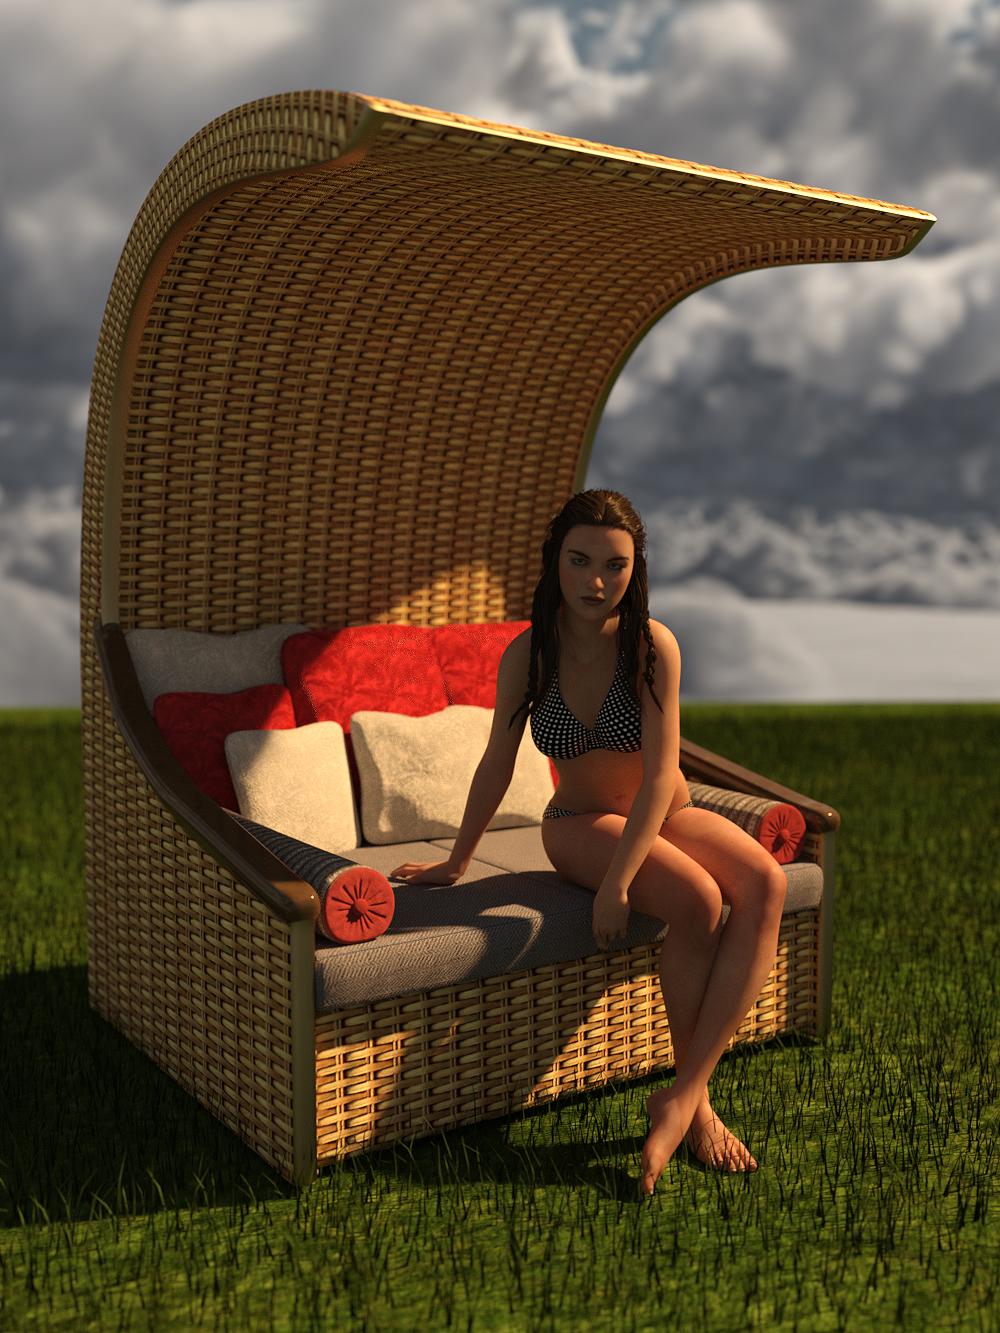 RW Summer Bench by: Renderwelten, 3D Models by Daz 3D